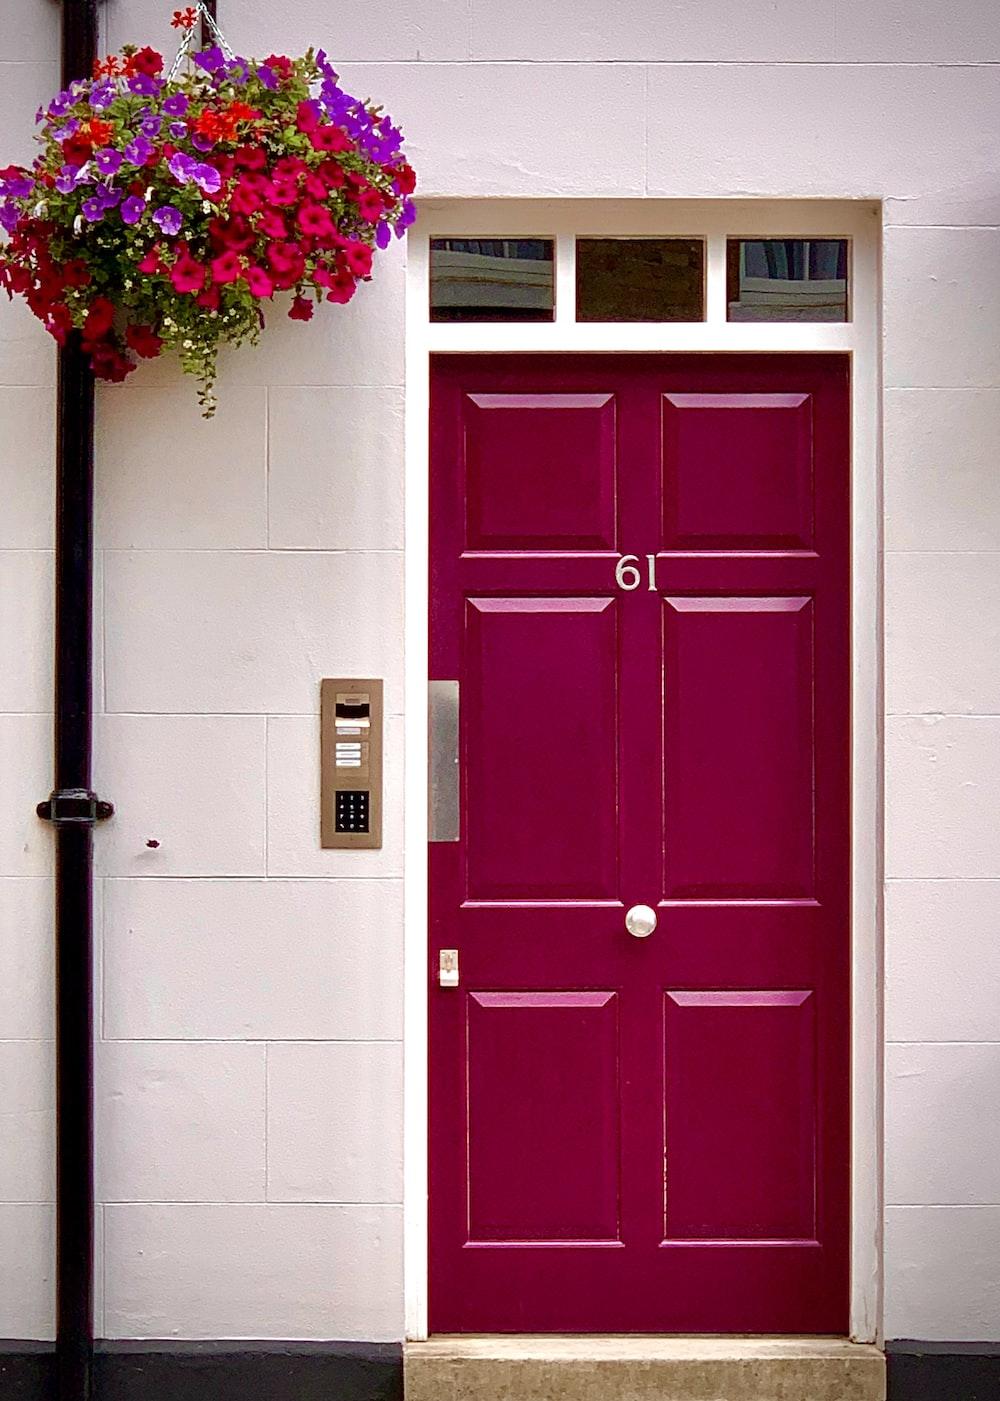 red wooden door with pink flowers